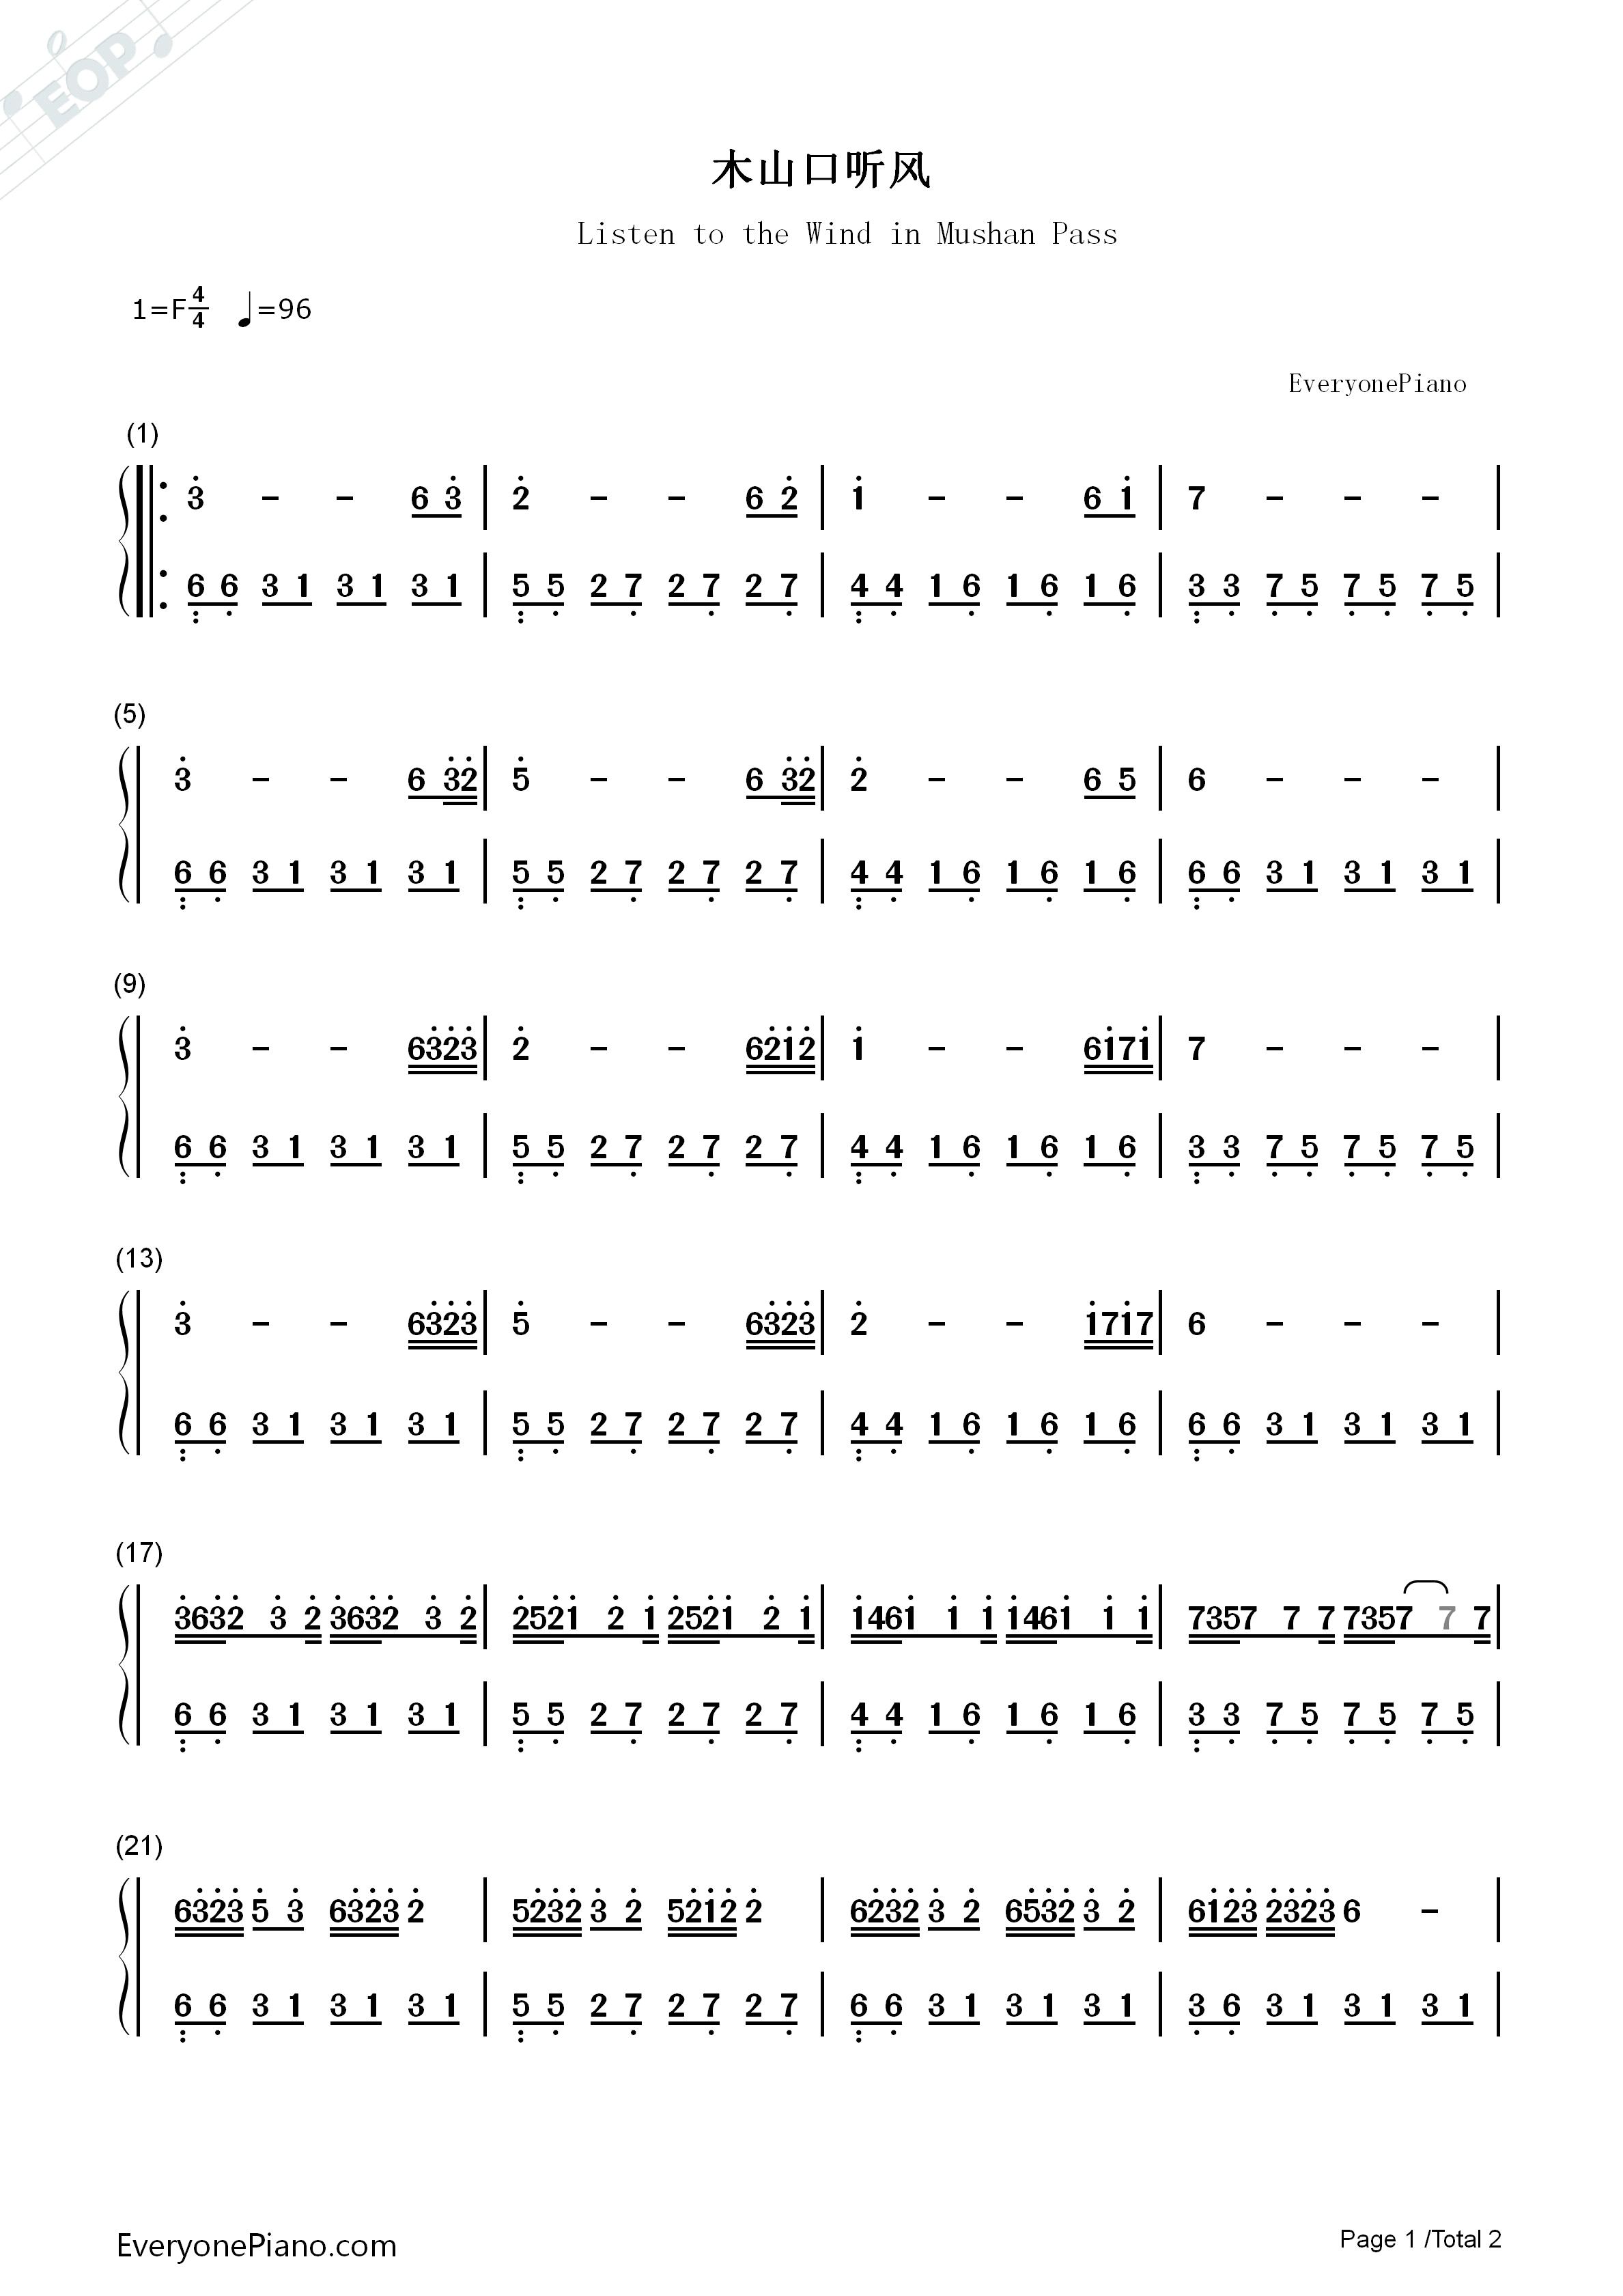 木山口听风-《星空下的钢琴曲二》张宇桦双手简谱预览图片